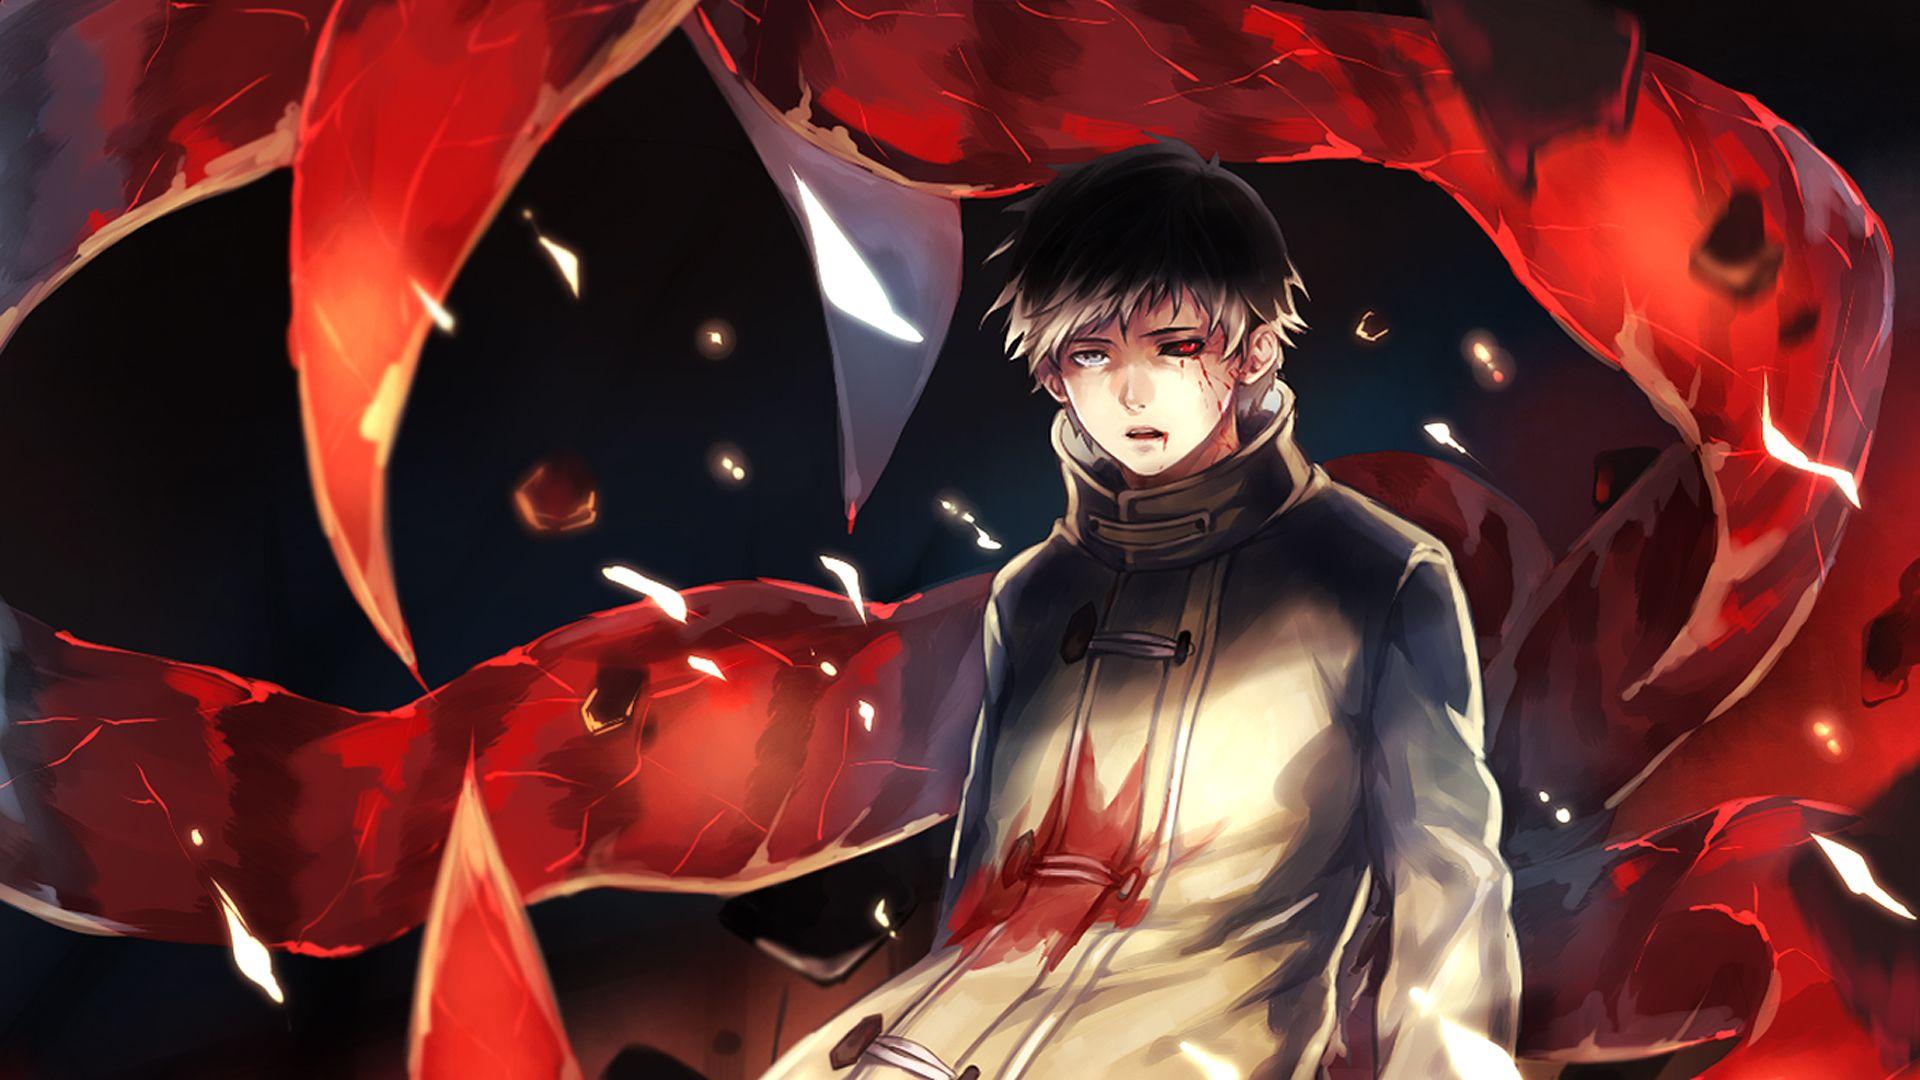 Anime Tokyo Ghoul Ken Kaneki Wallpaper Tokyo ghoul